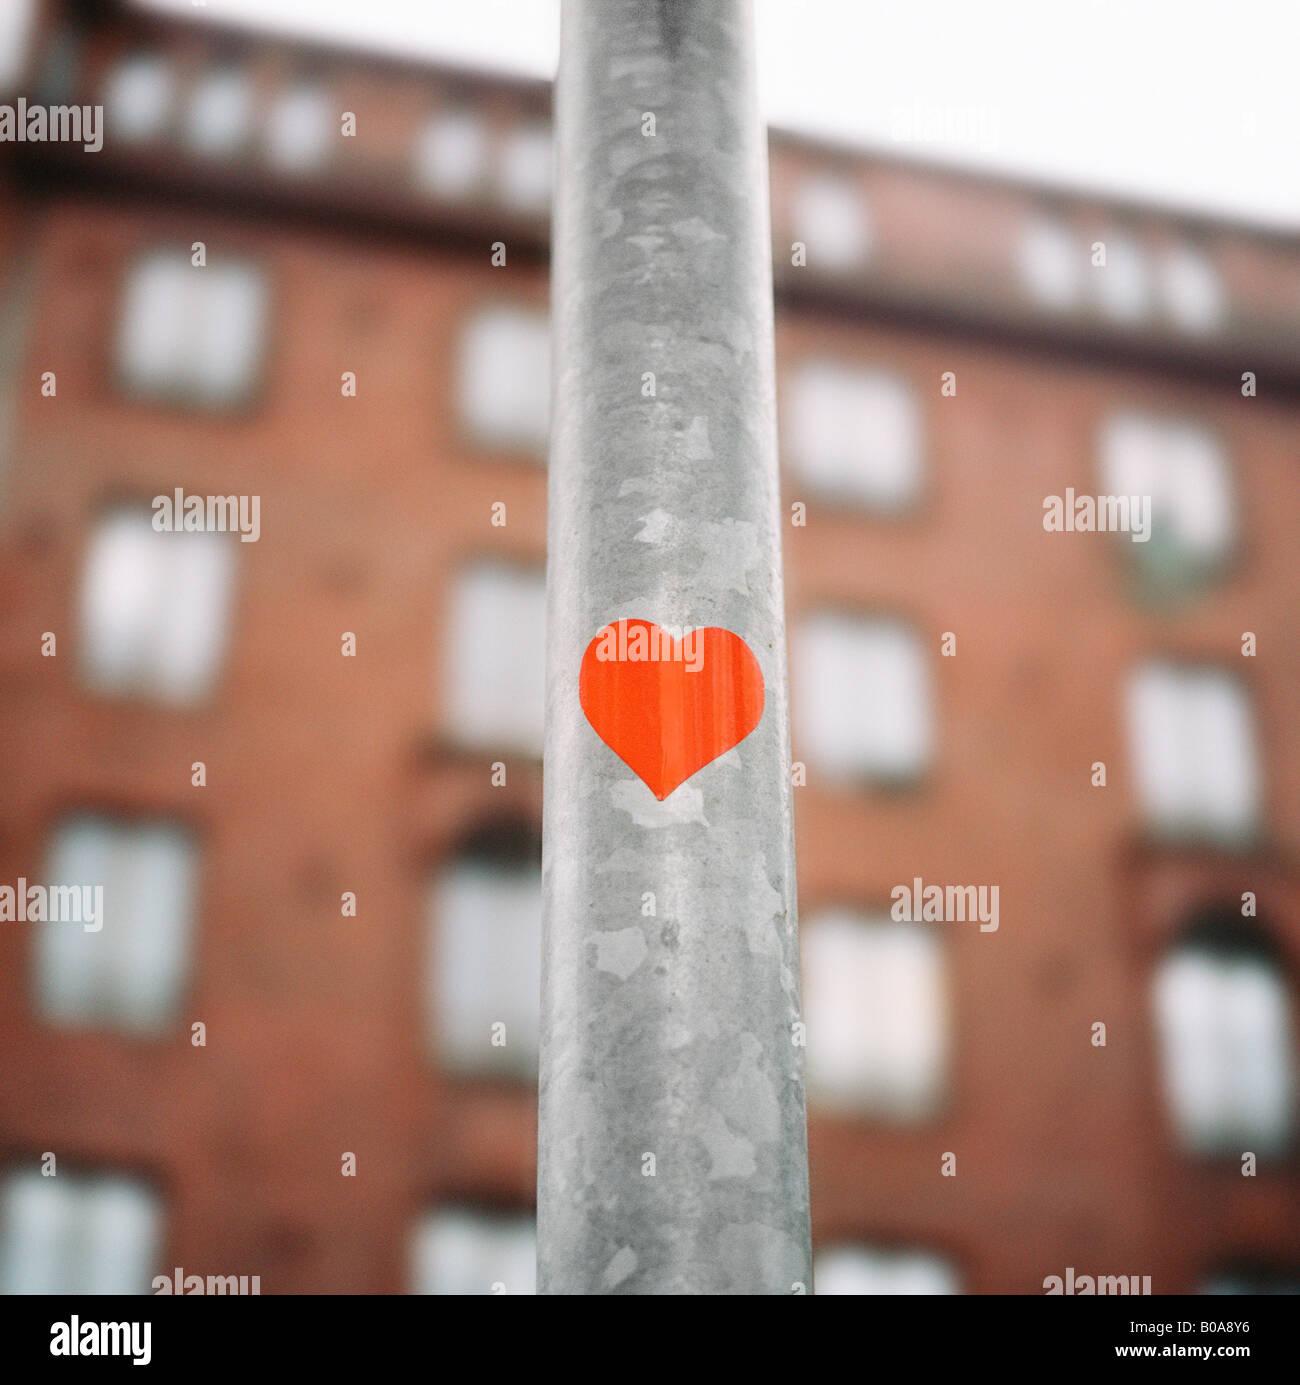 Ángulo de visión baja de forma de corazón de un polo Imagen De Stock